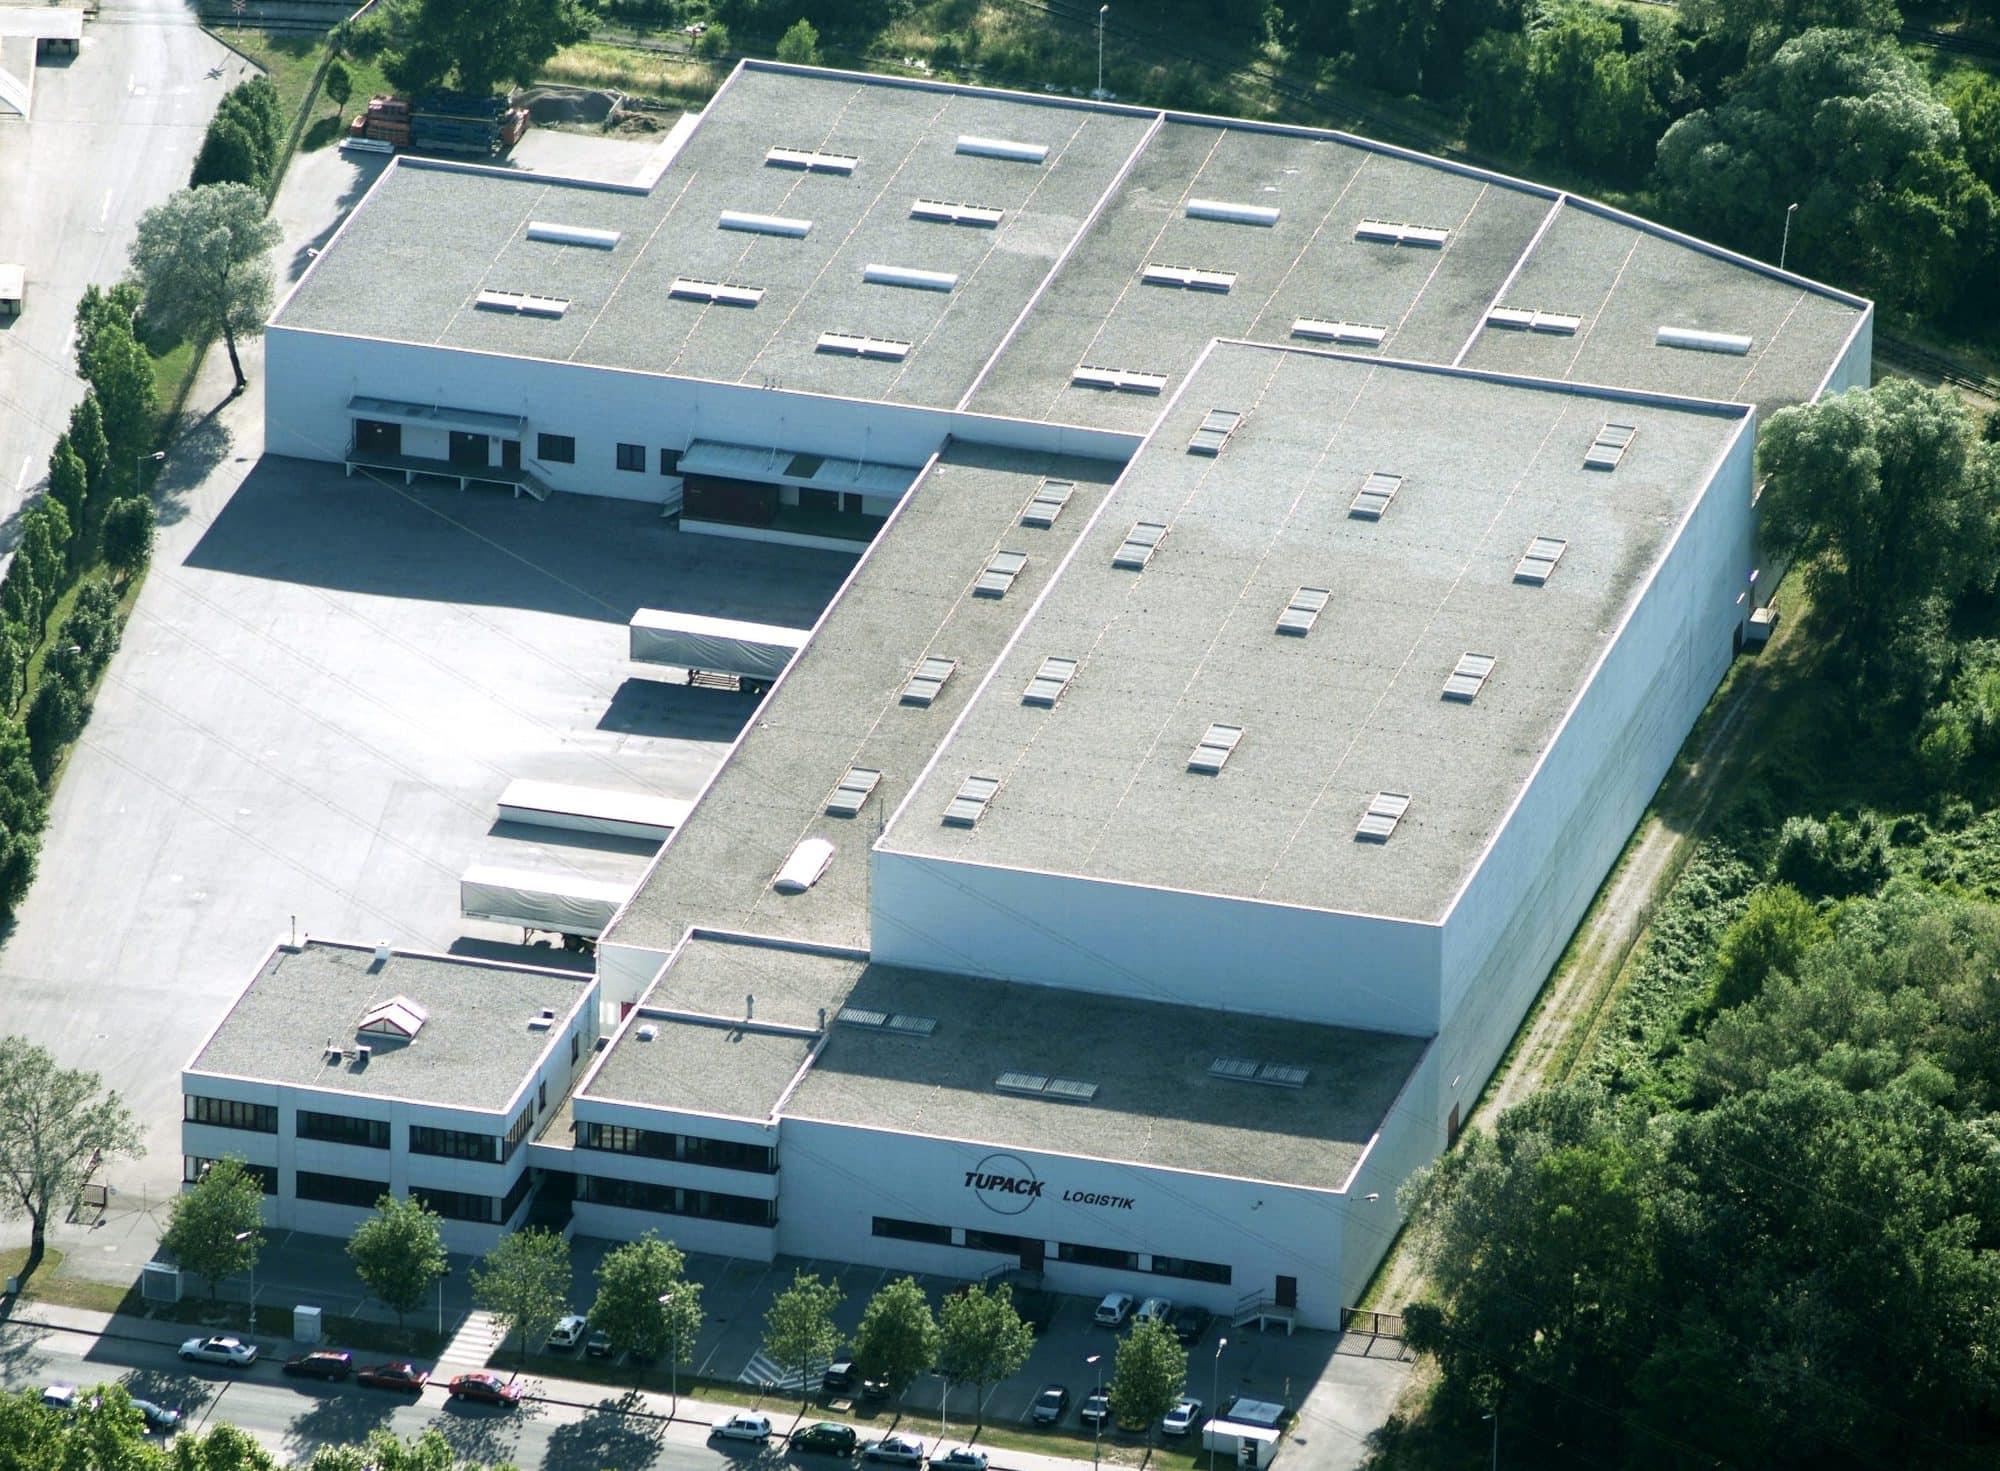 Tupack Logistics